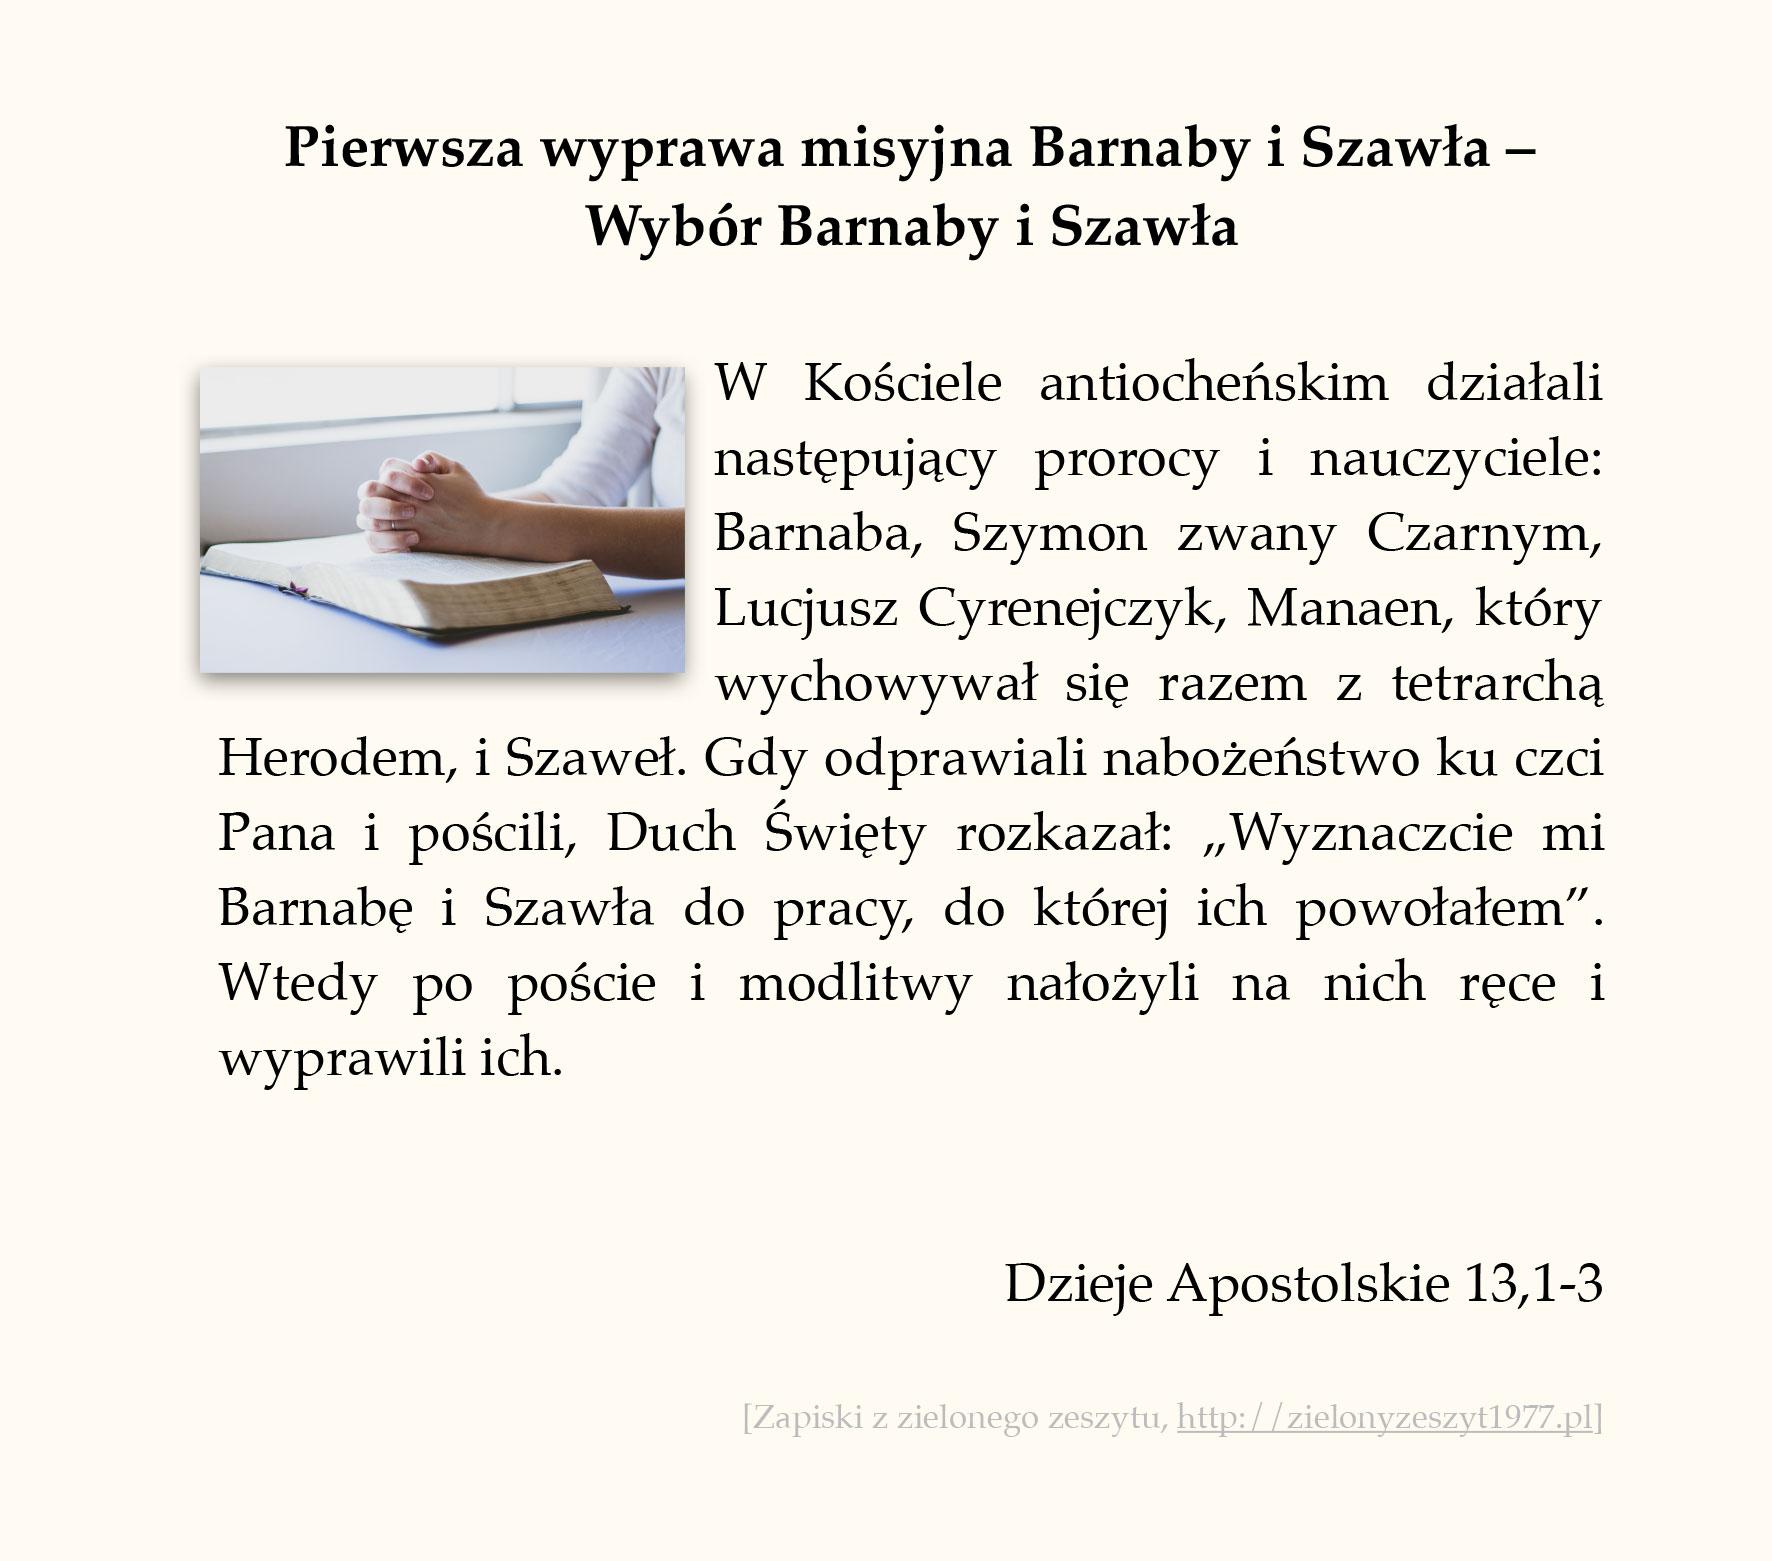 Pierwsza wyprawa misyjna Barnaby i Szawła - Wybór Barnaby i Szawła, Dzieje Apostolskie (#57)